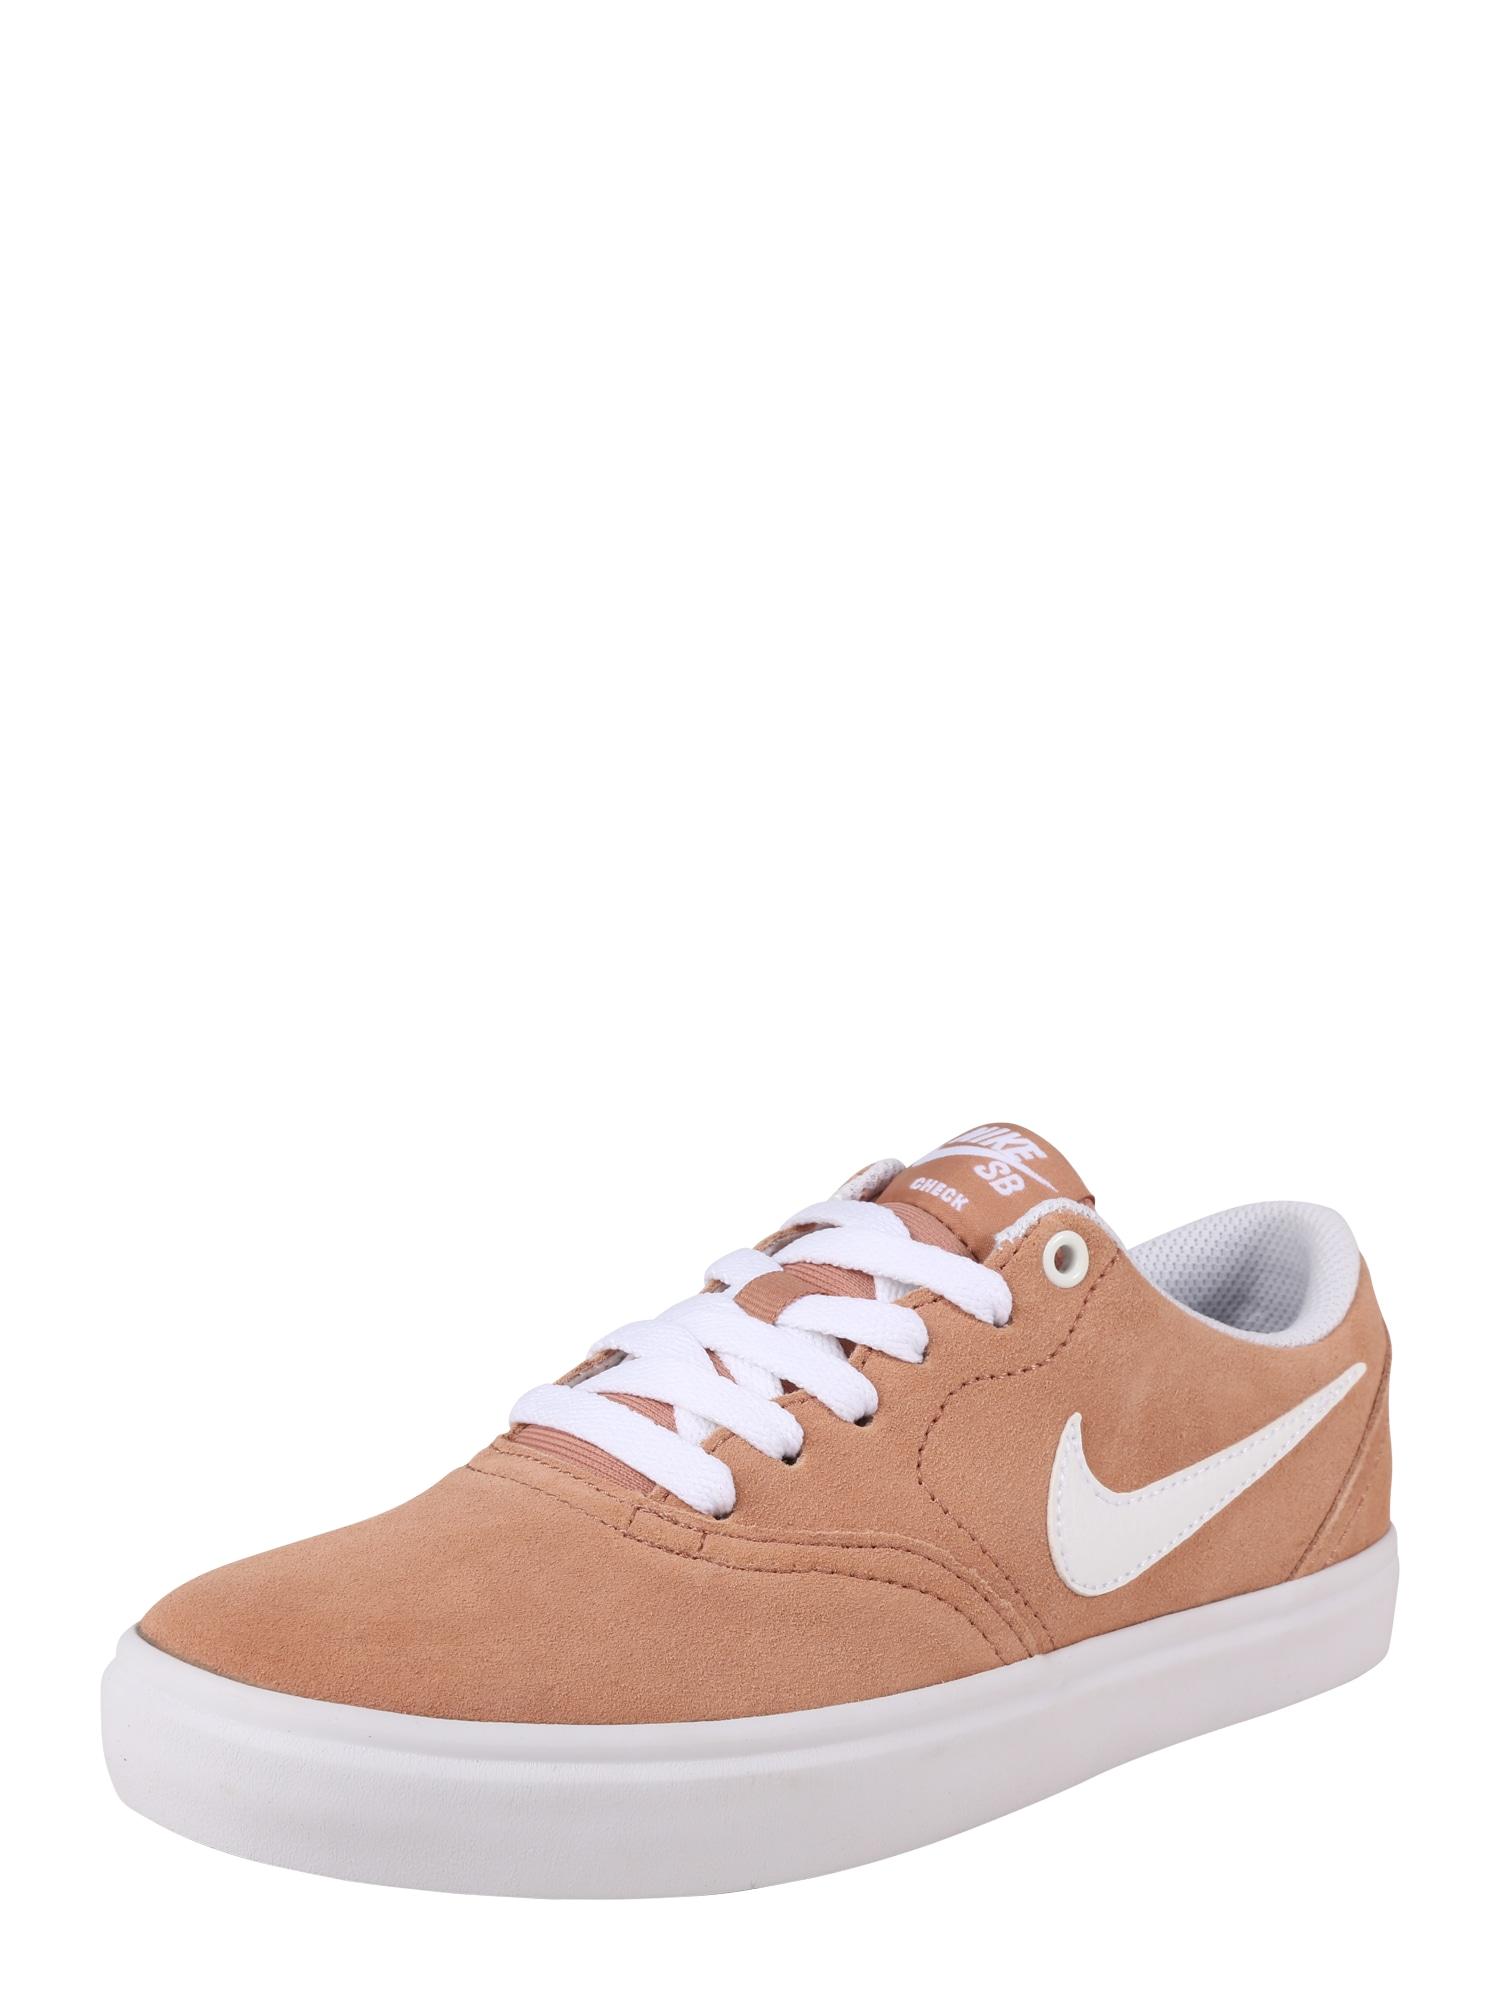 Sportovní boty Check Solar bronzová Nike SB